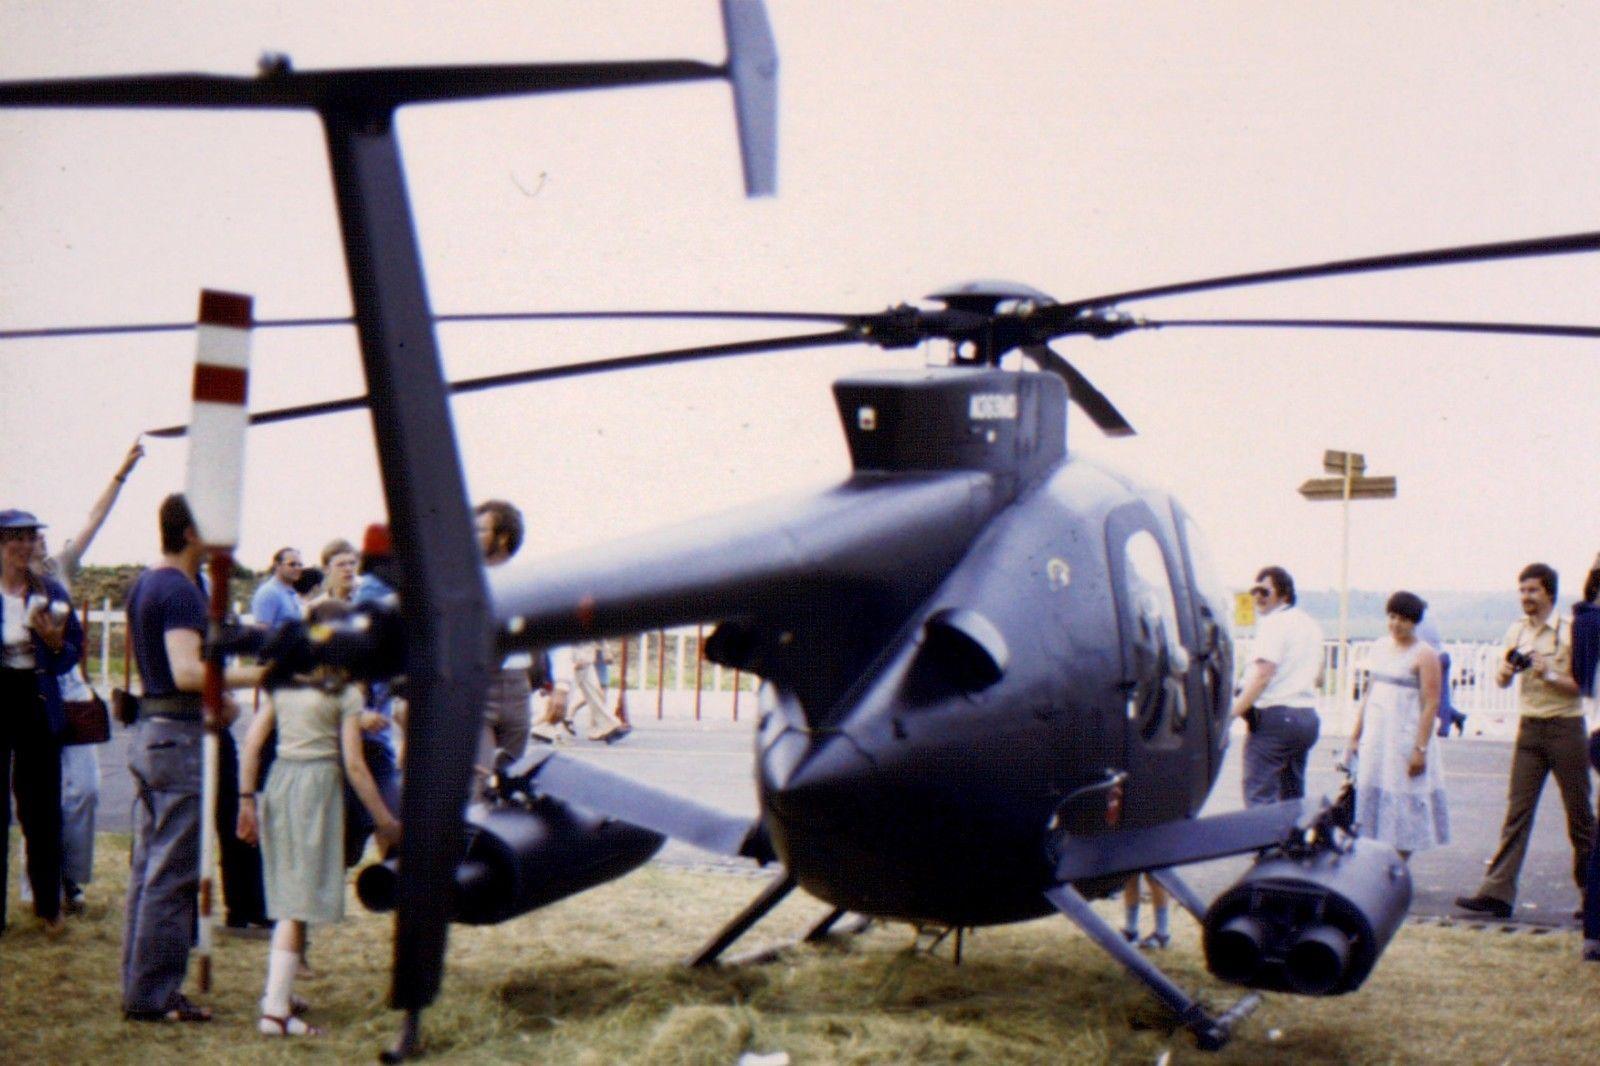 35-mm-slide-Helicopter-Hughes-MD-500-Def